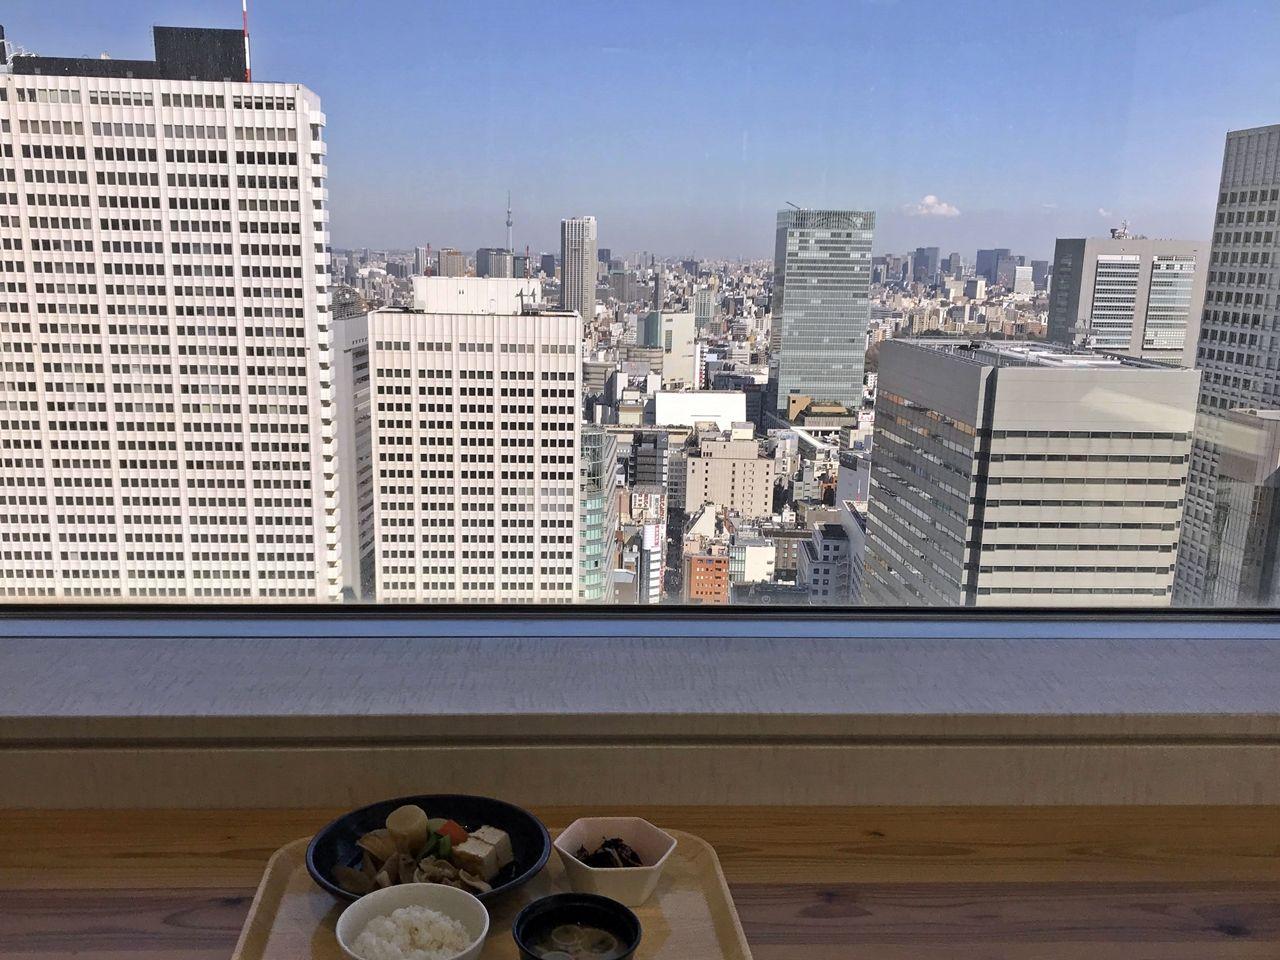 富士山や東京スカイツリーを望む絶景ランチタイム